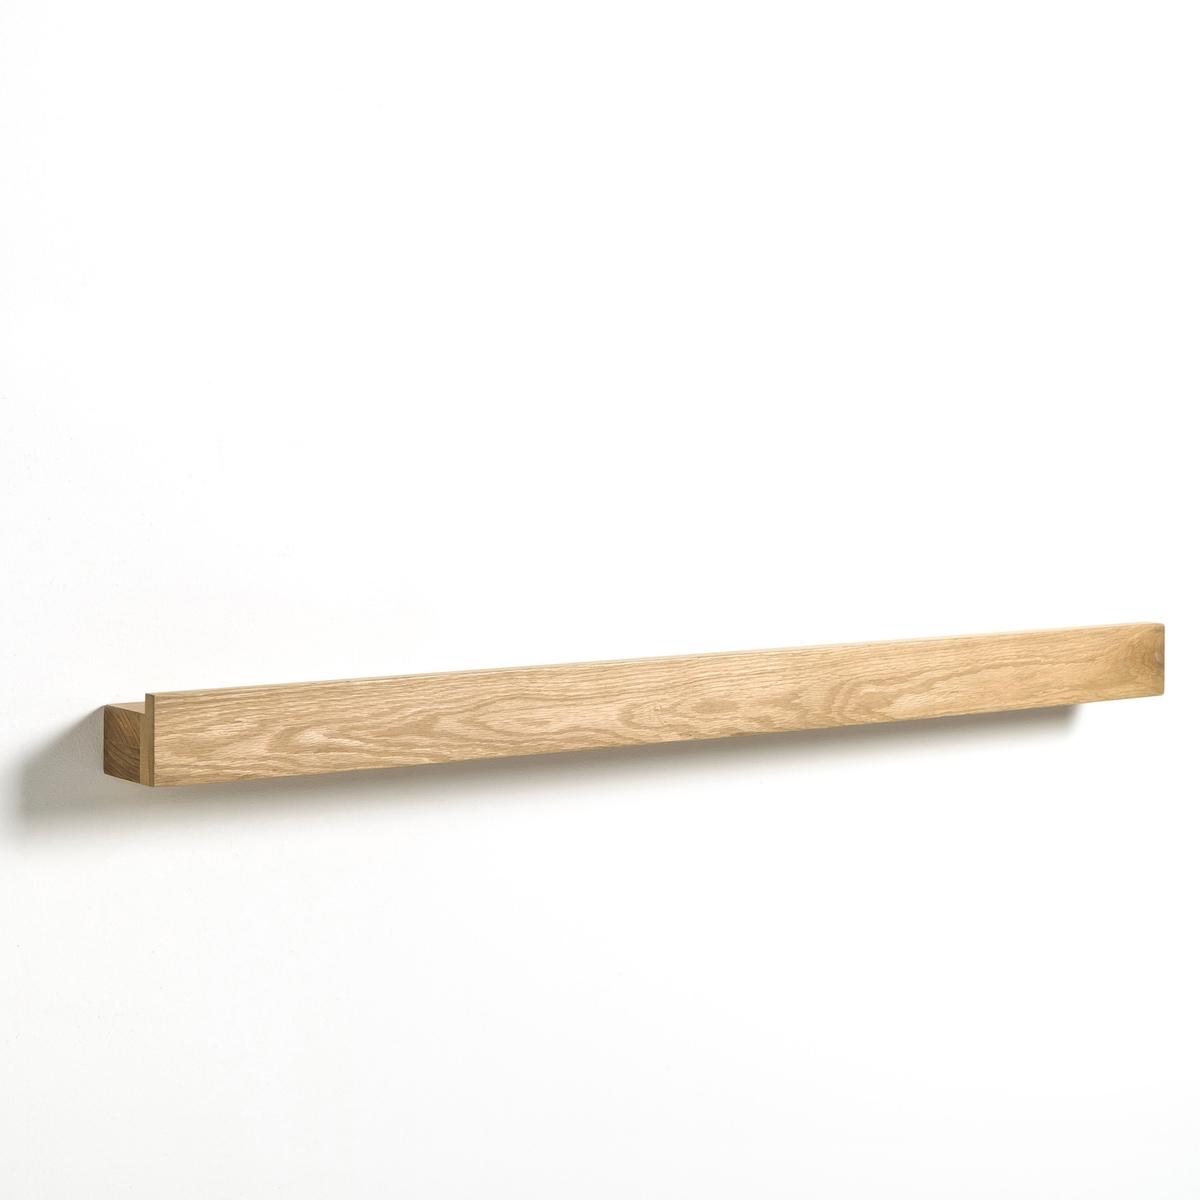 Полка-карниз длиной  100 см, DaganeХарактеристики:   - Из массива дуба.- Крепежная фурнитура в комплекте.Размеры: - 100 x 6,5 x 8 см.<br><br>Цвет: натуральный дуб